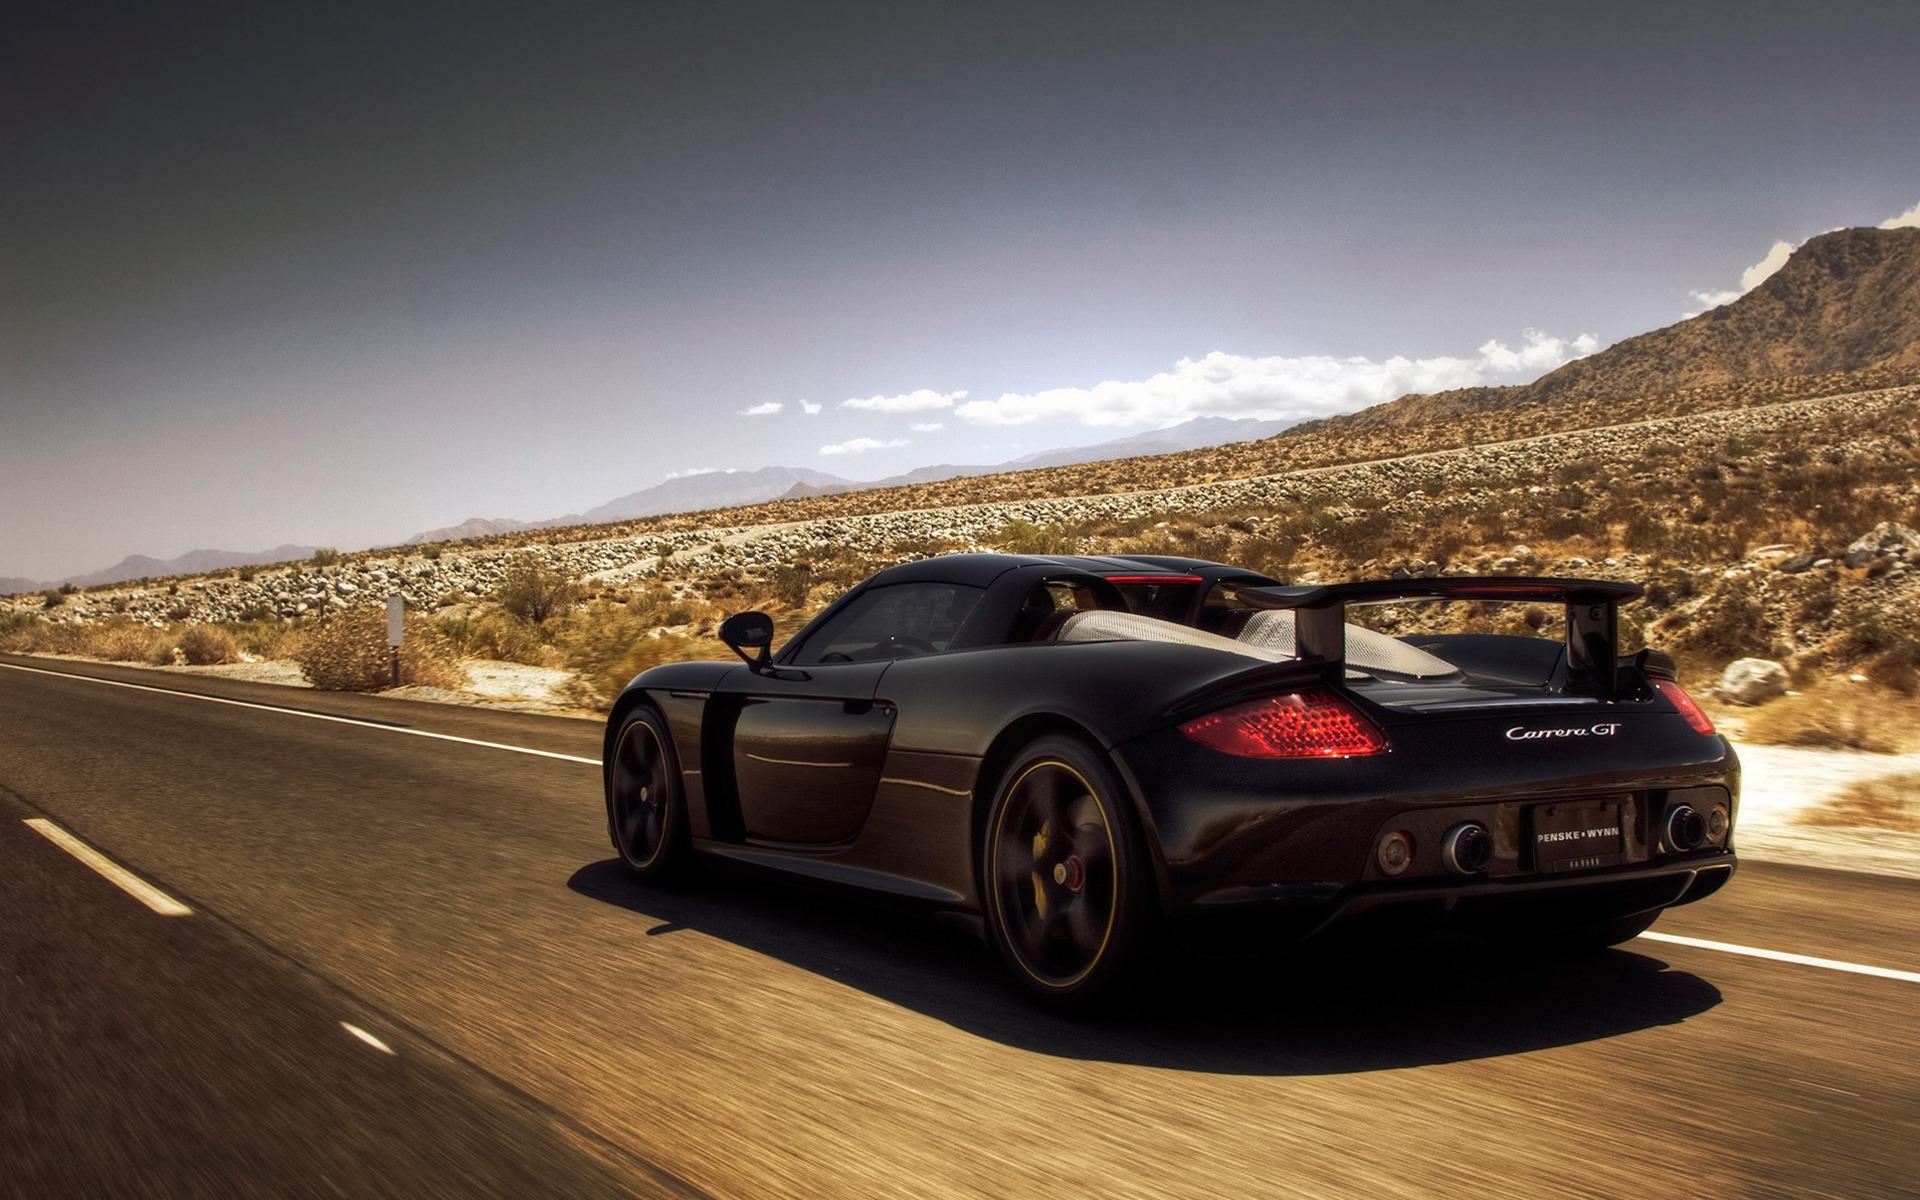 Porsche Carrera GT - 1920x1200